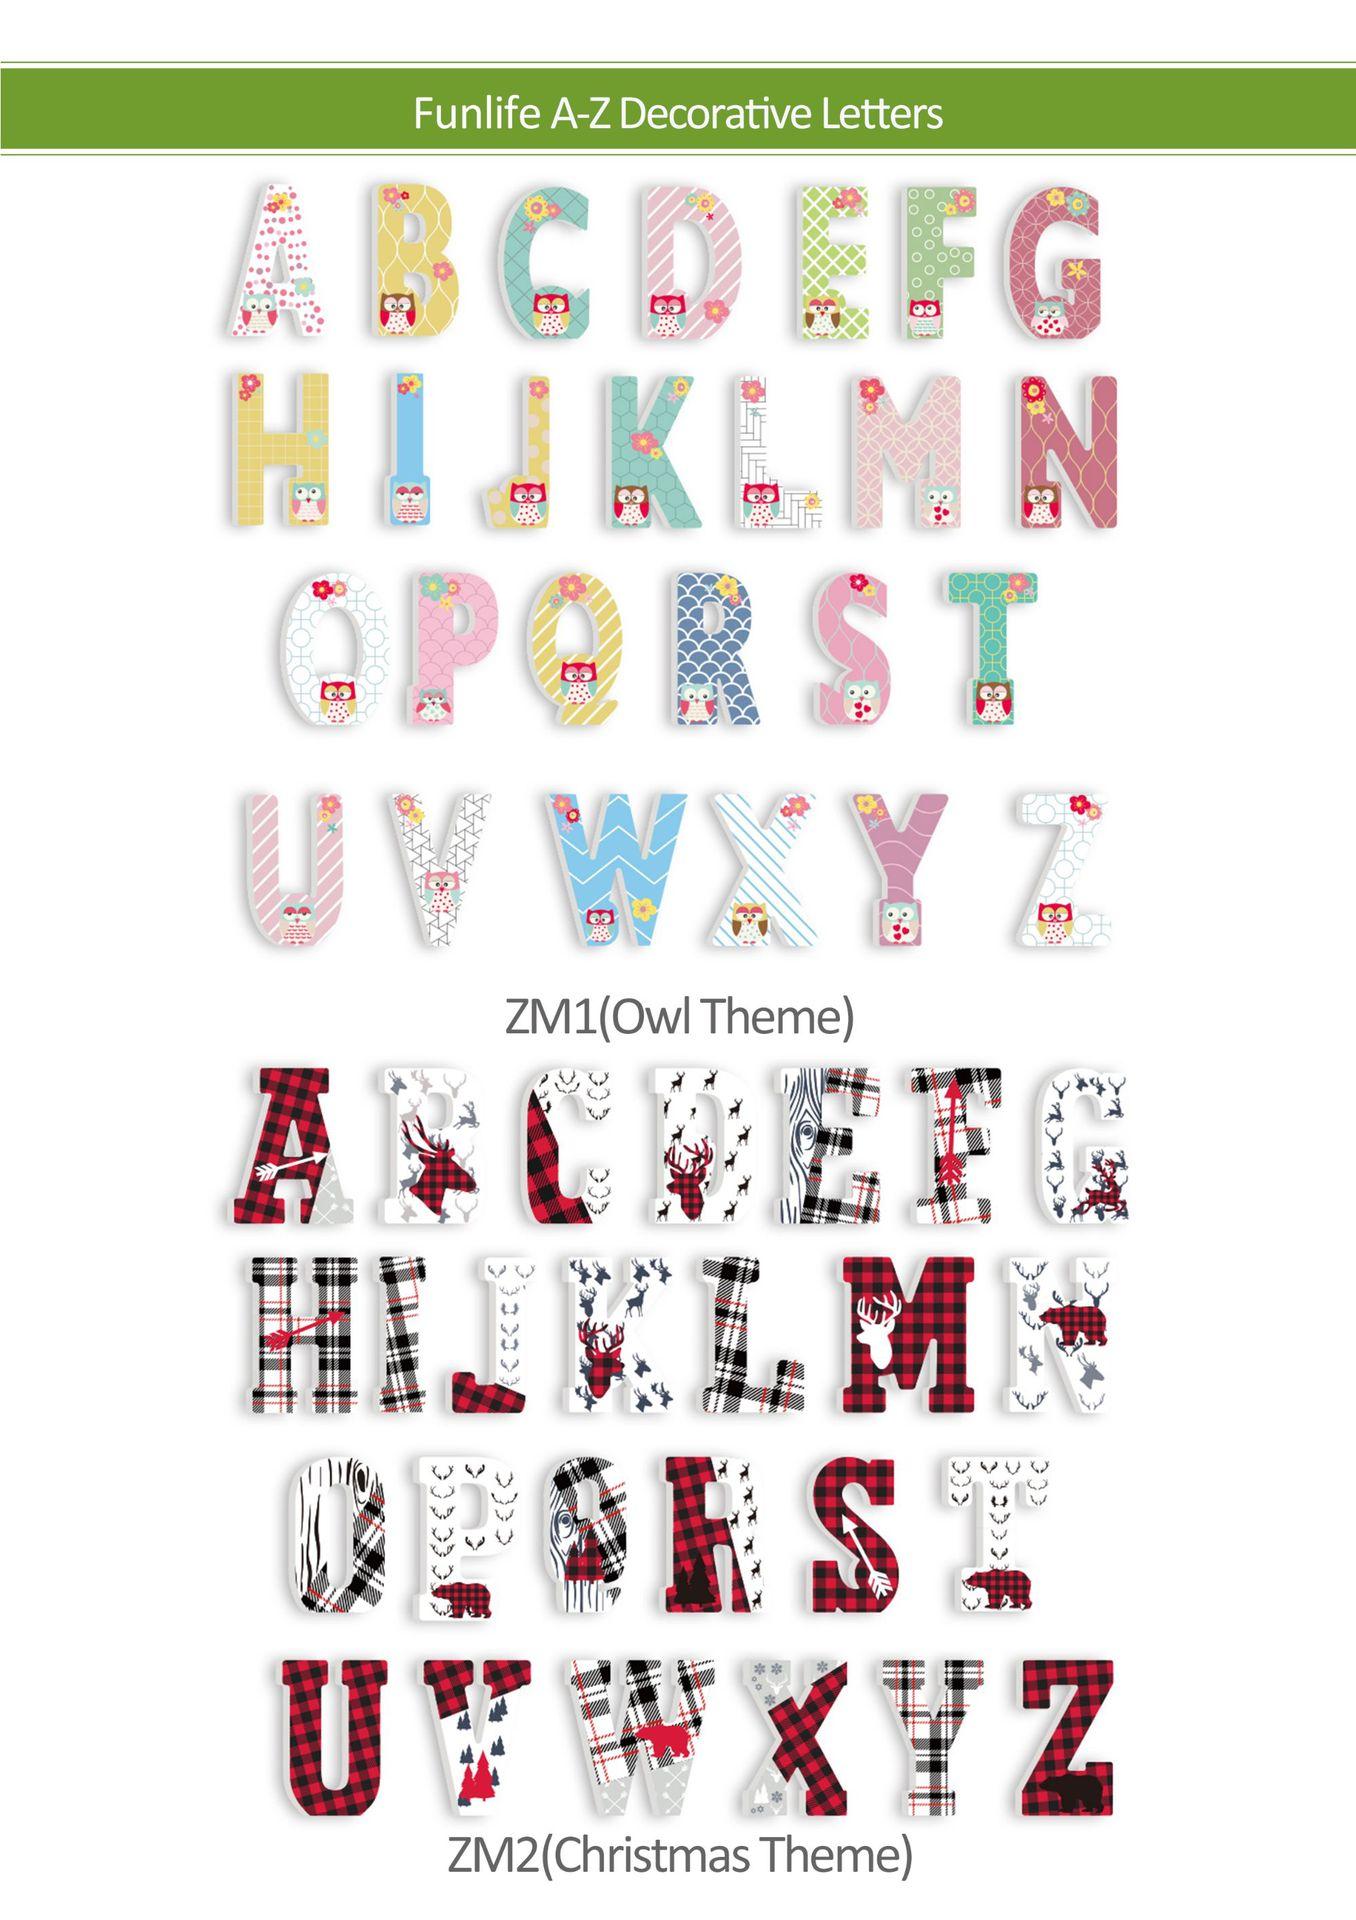 ZM+catalogue+1-.jpg